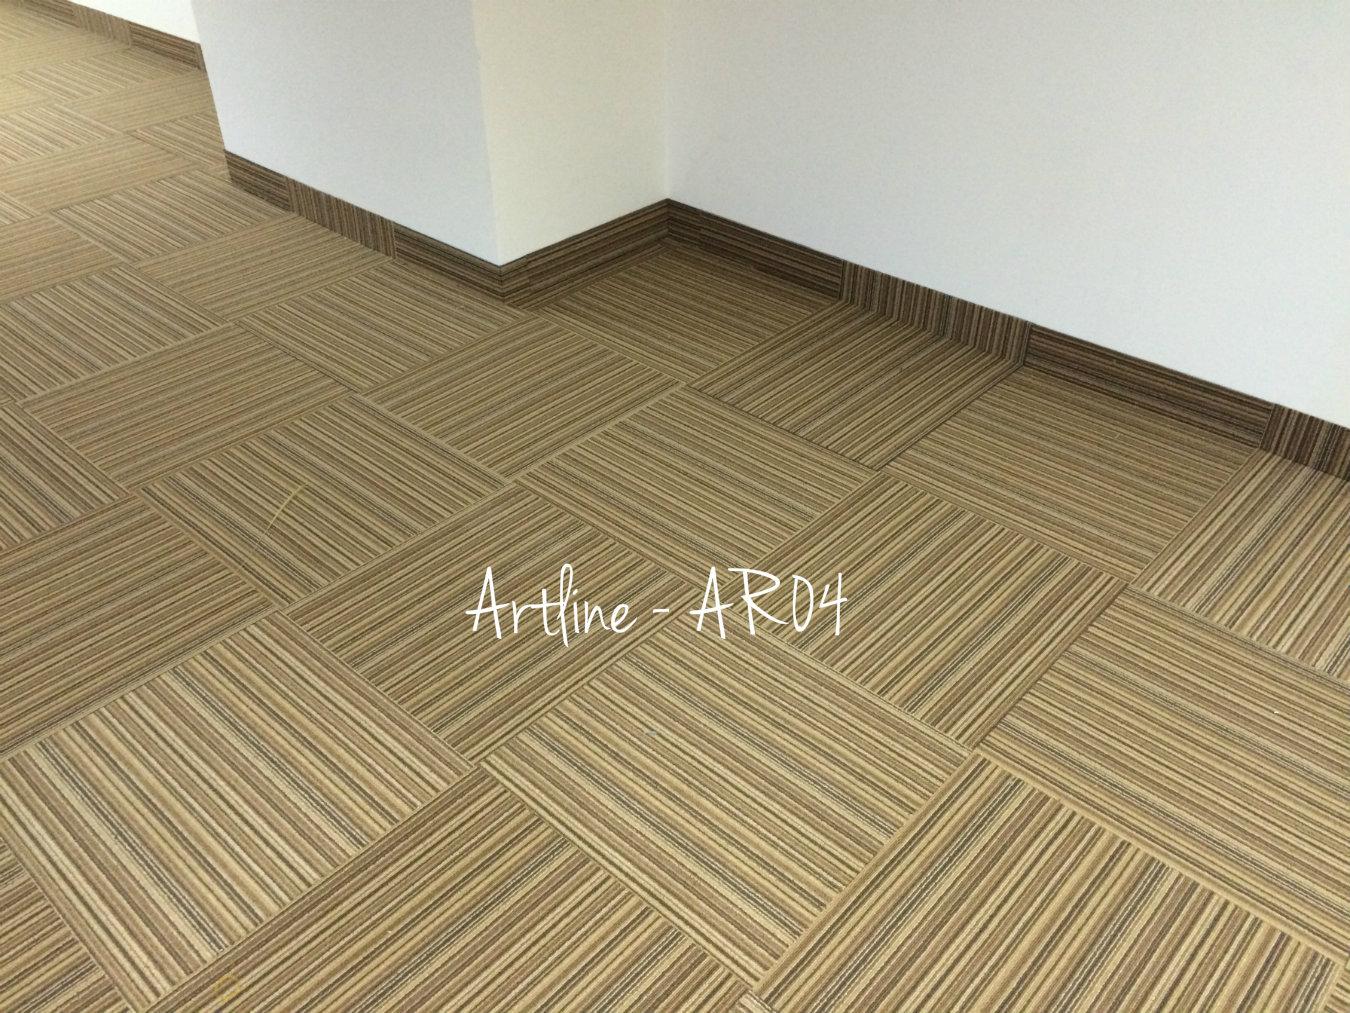 Thảm tấm ar04-a4